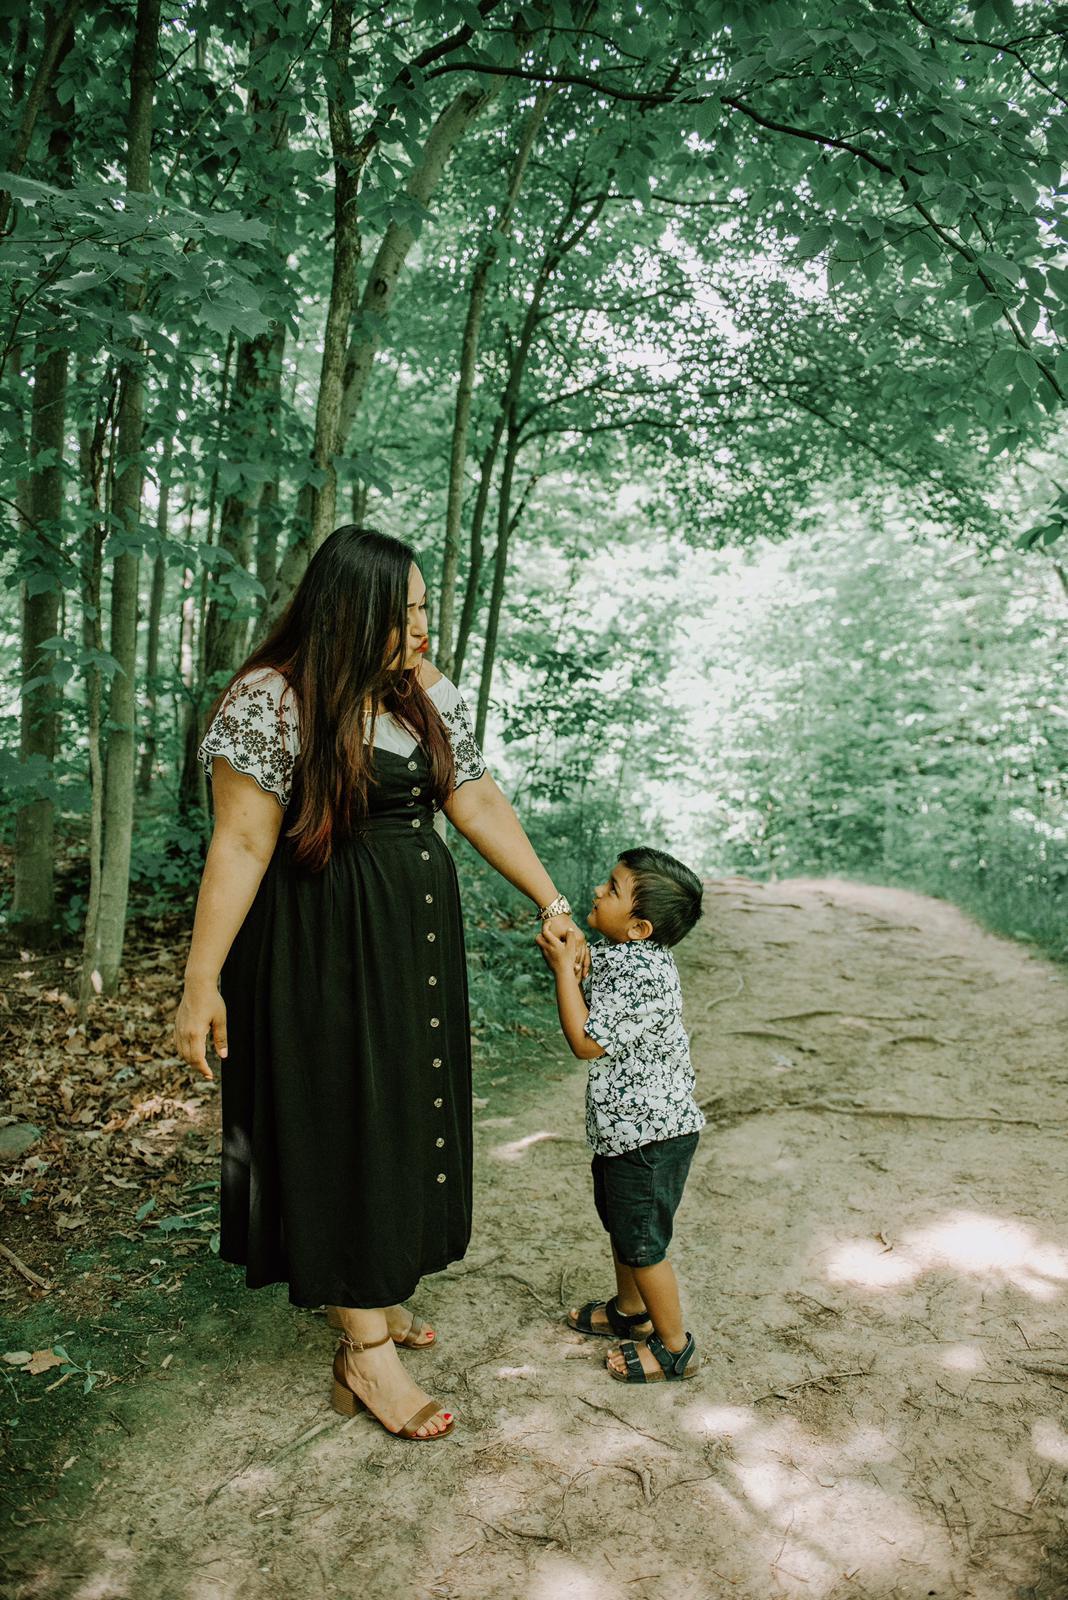 Kinder Prep – Four Moms Perspective